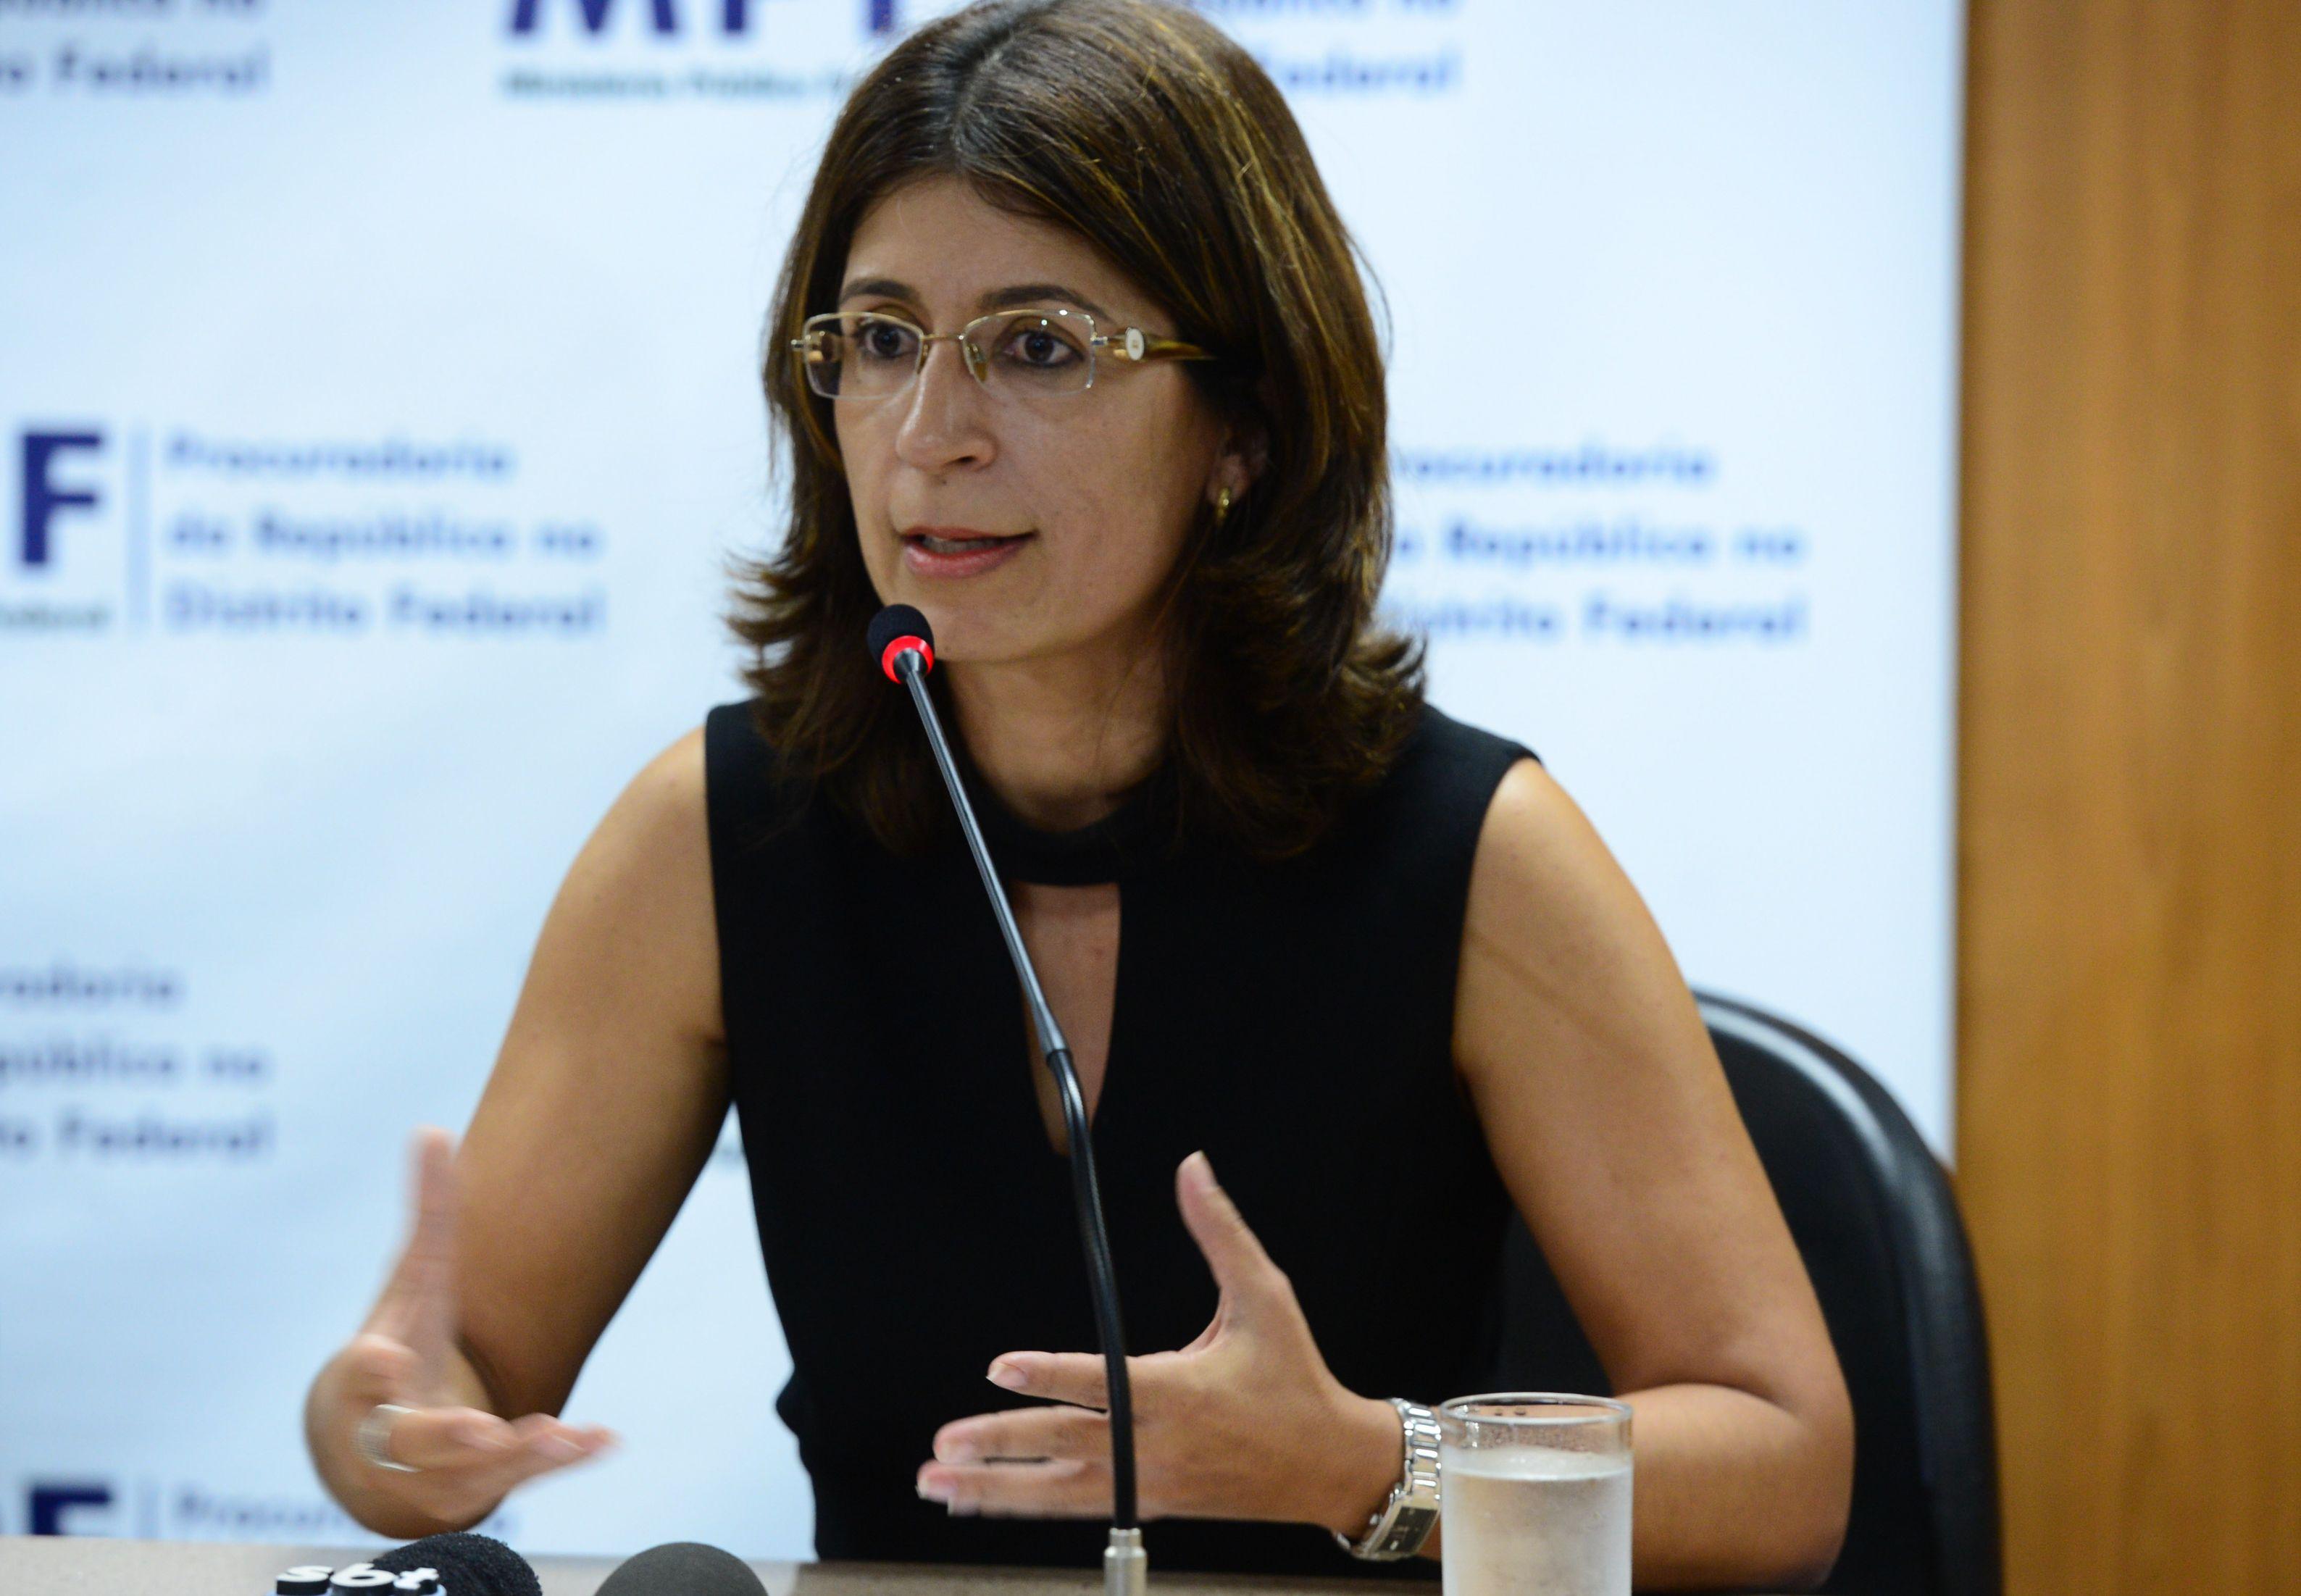 Raquel Branquinho – Wikipédia, a enciclopédia livre